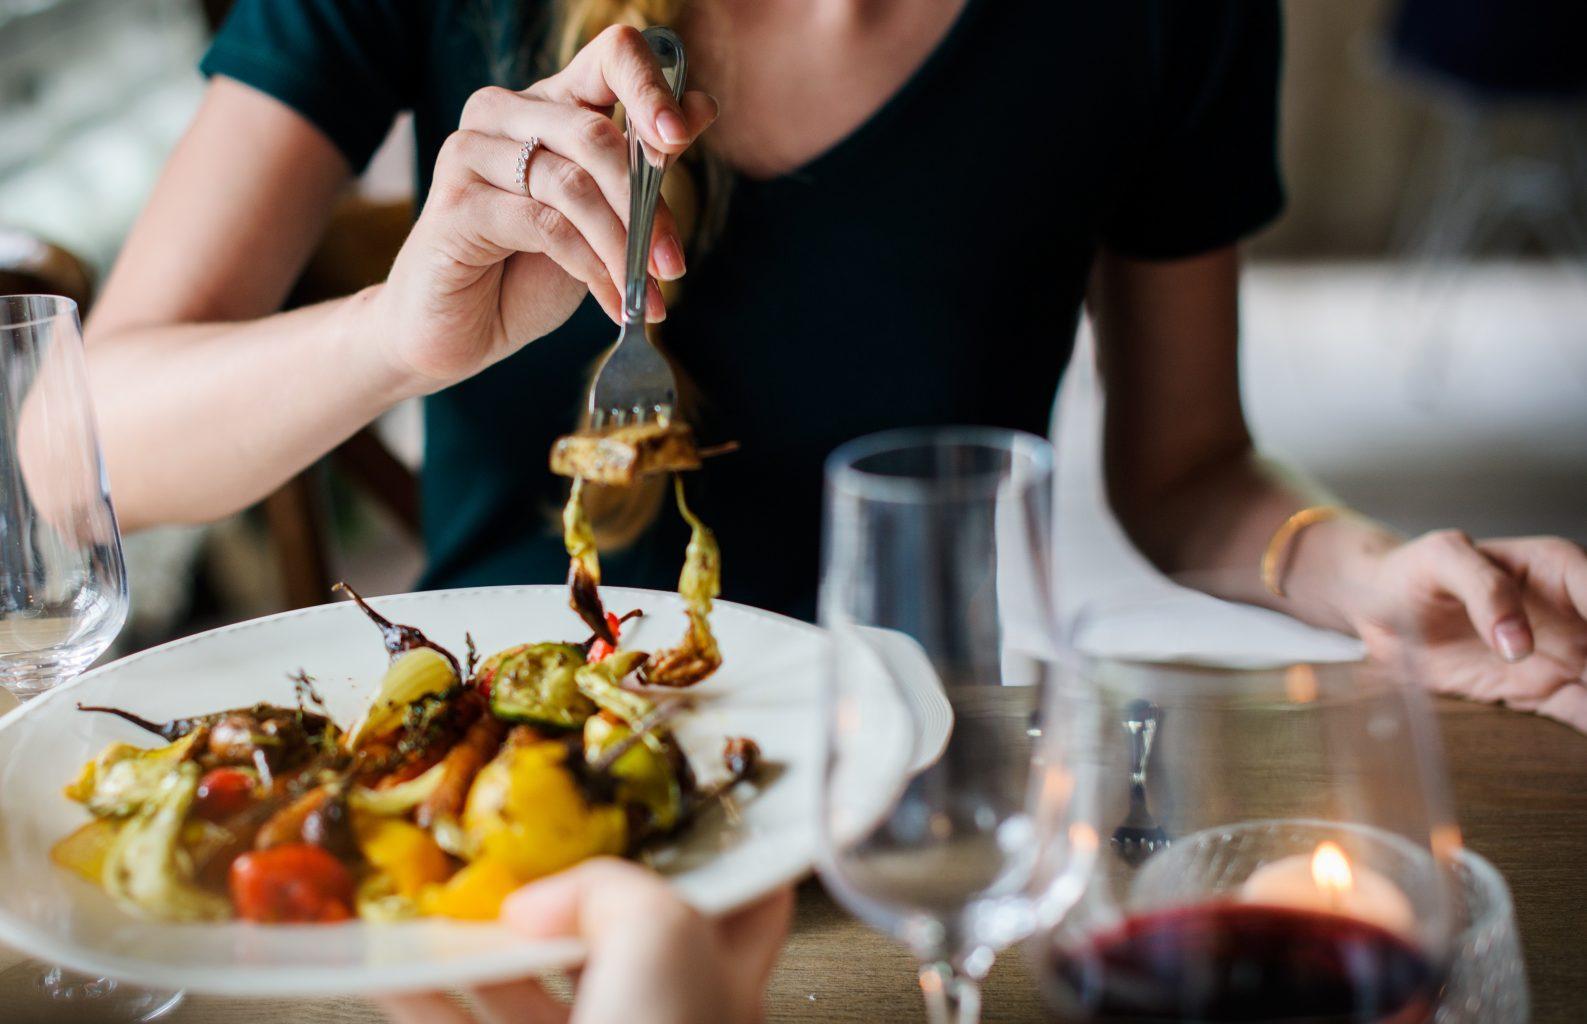 woman-eating-brain-foods